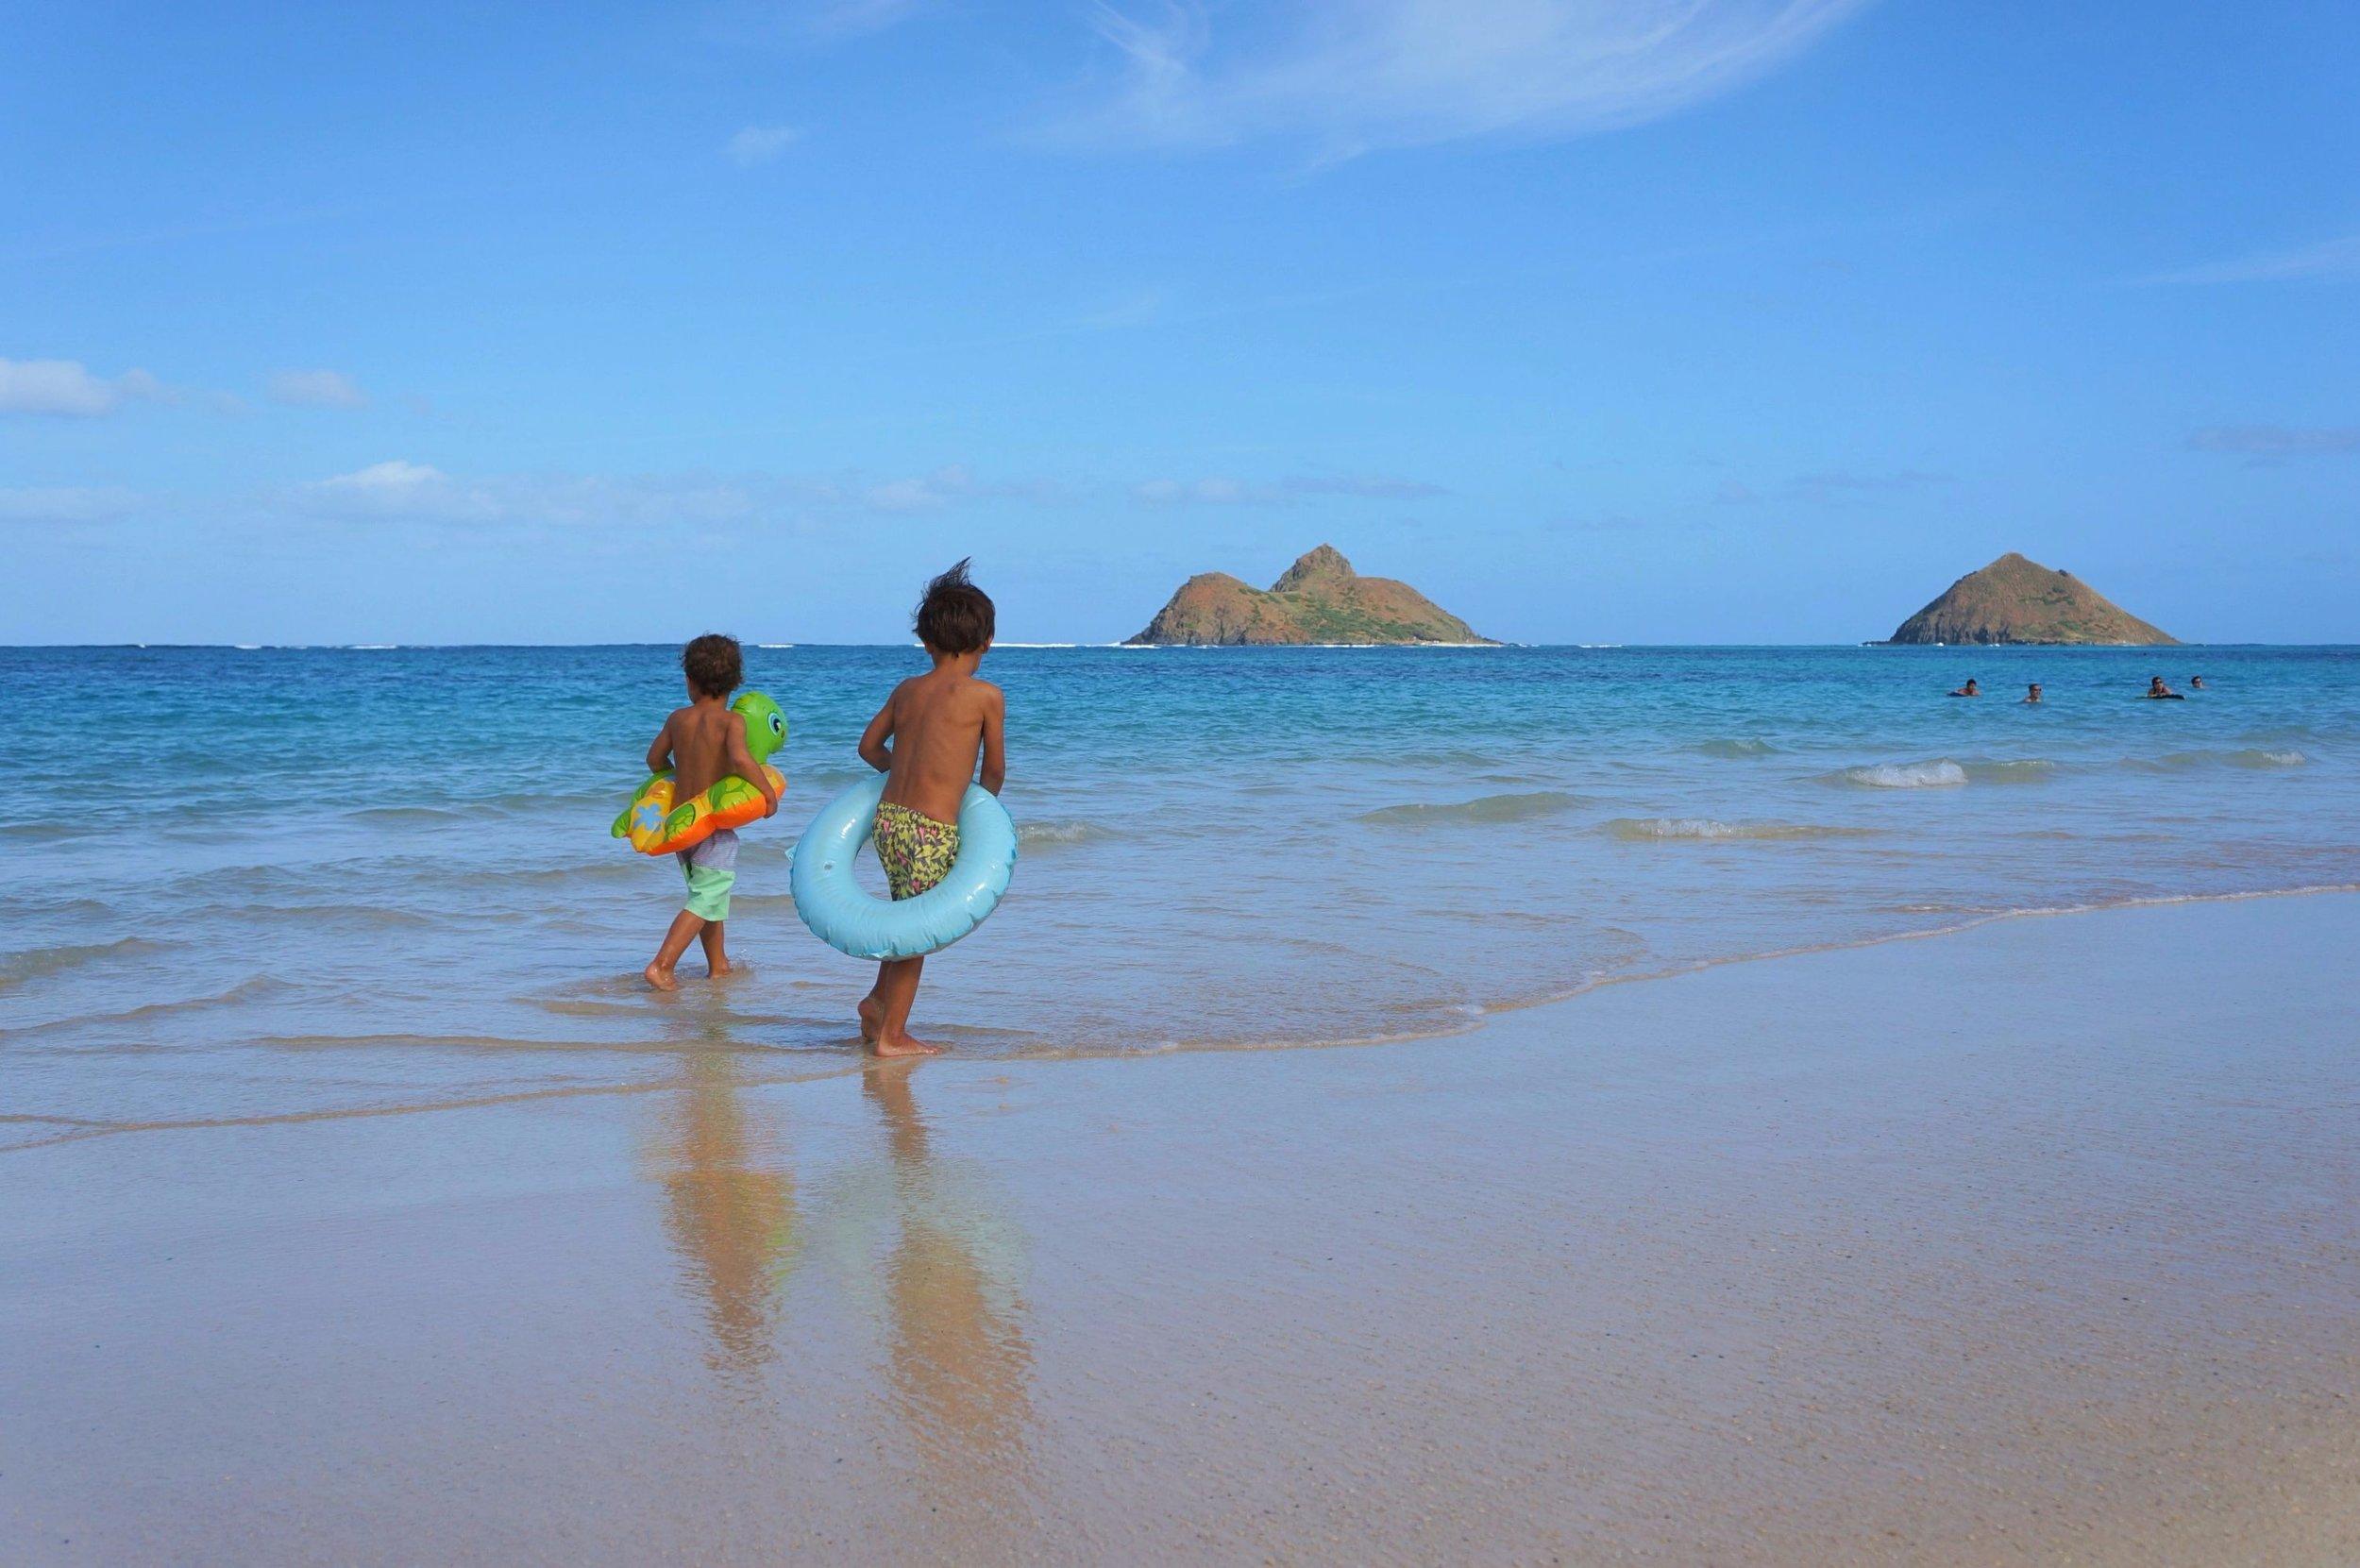 The boys preparing for a swim on Lanikai Beach.